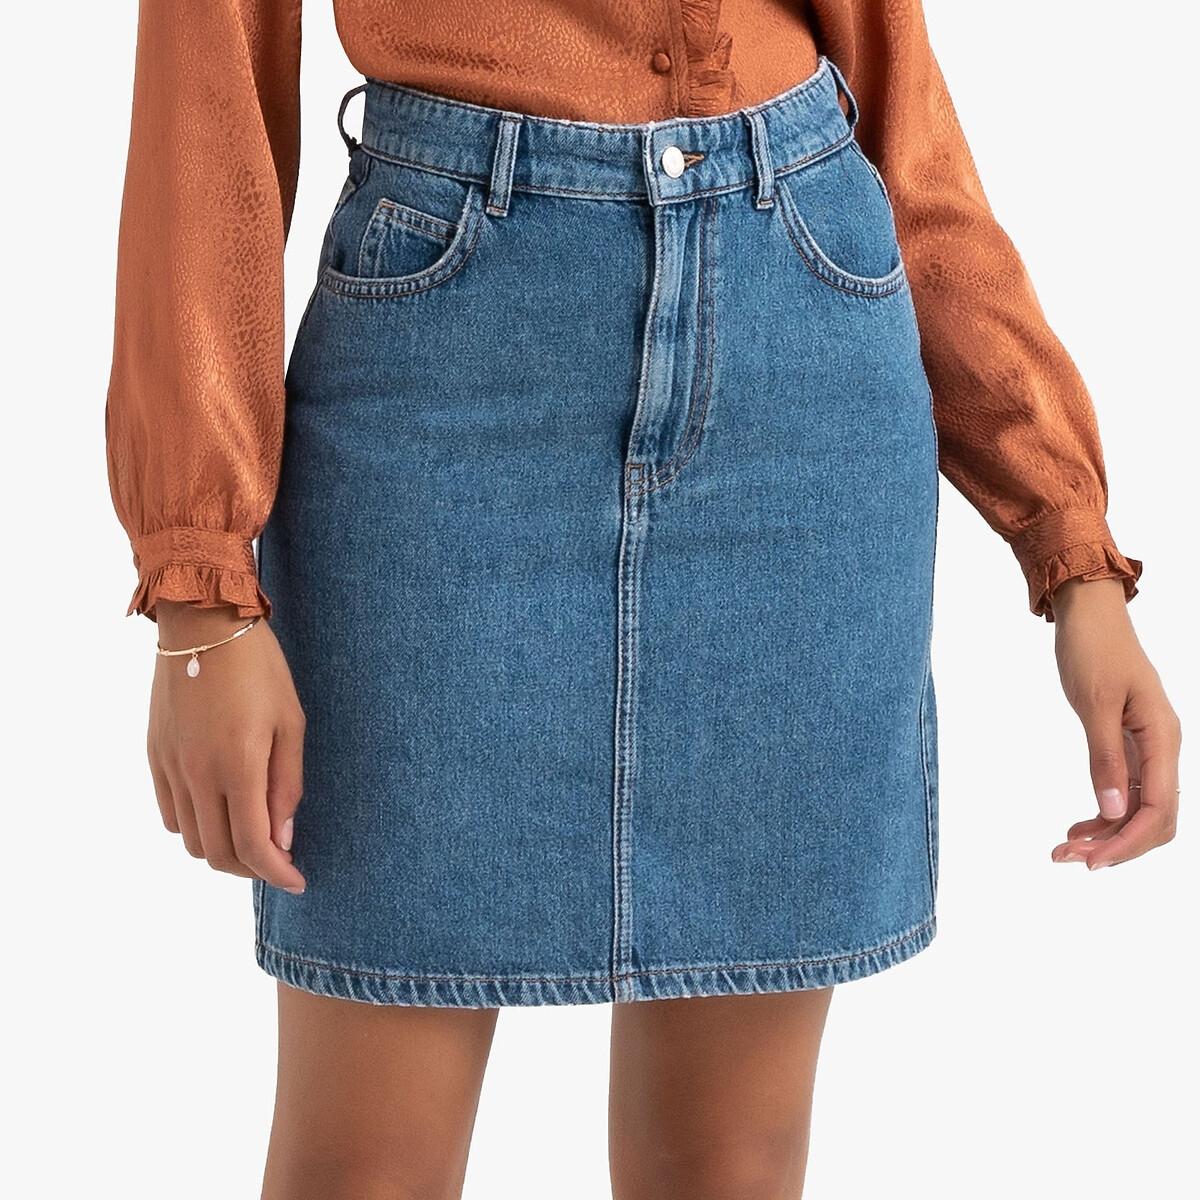 Юбка LaRedoute Короткая из джинсовой ткани 46 (FR) - 52 (RUS) синий